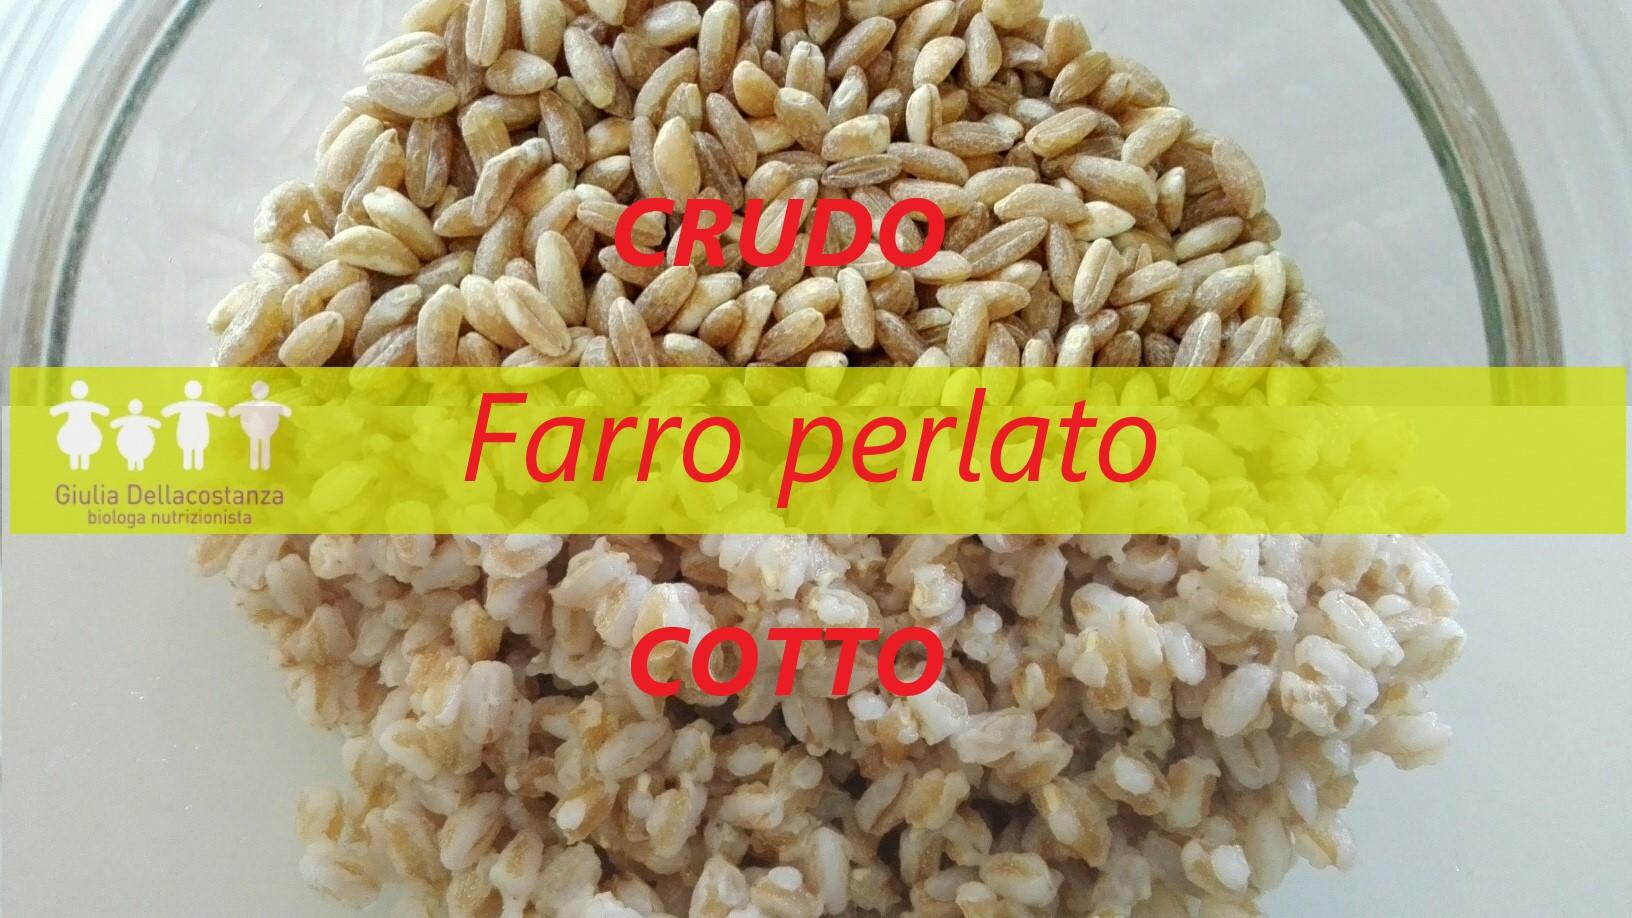 variazioni di peso dei cereali integrali prima e dopo cottura